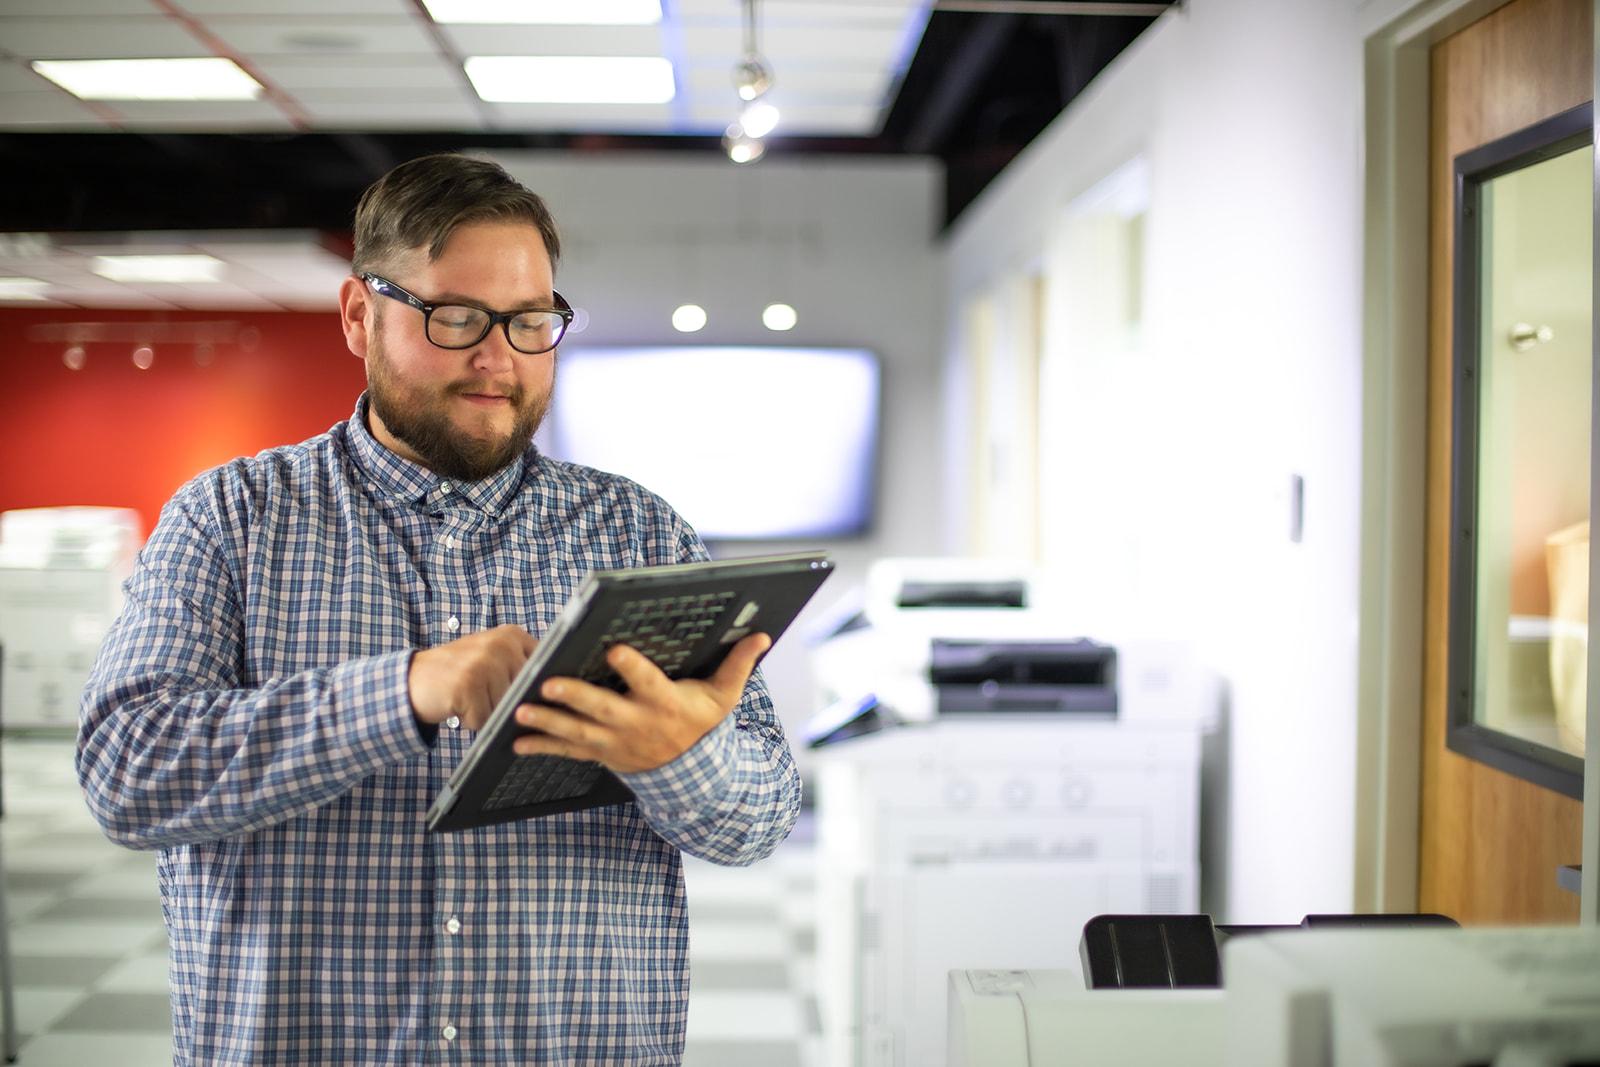 a guy looking at his ipad